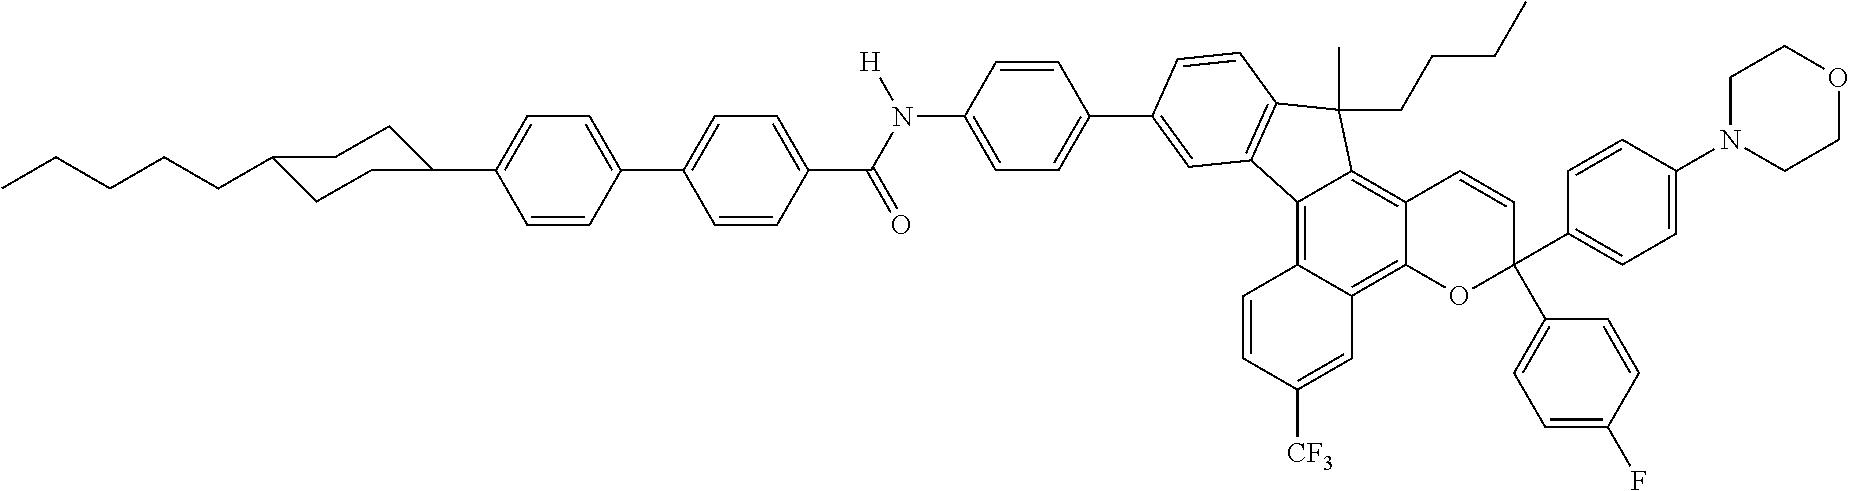 Figure US08545984-20131001-C00024